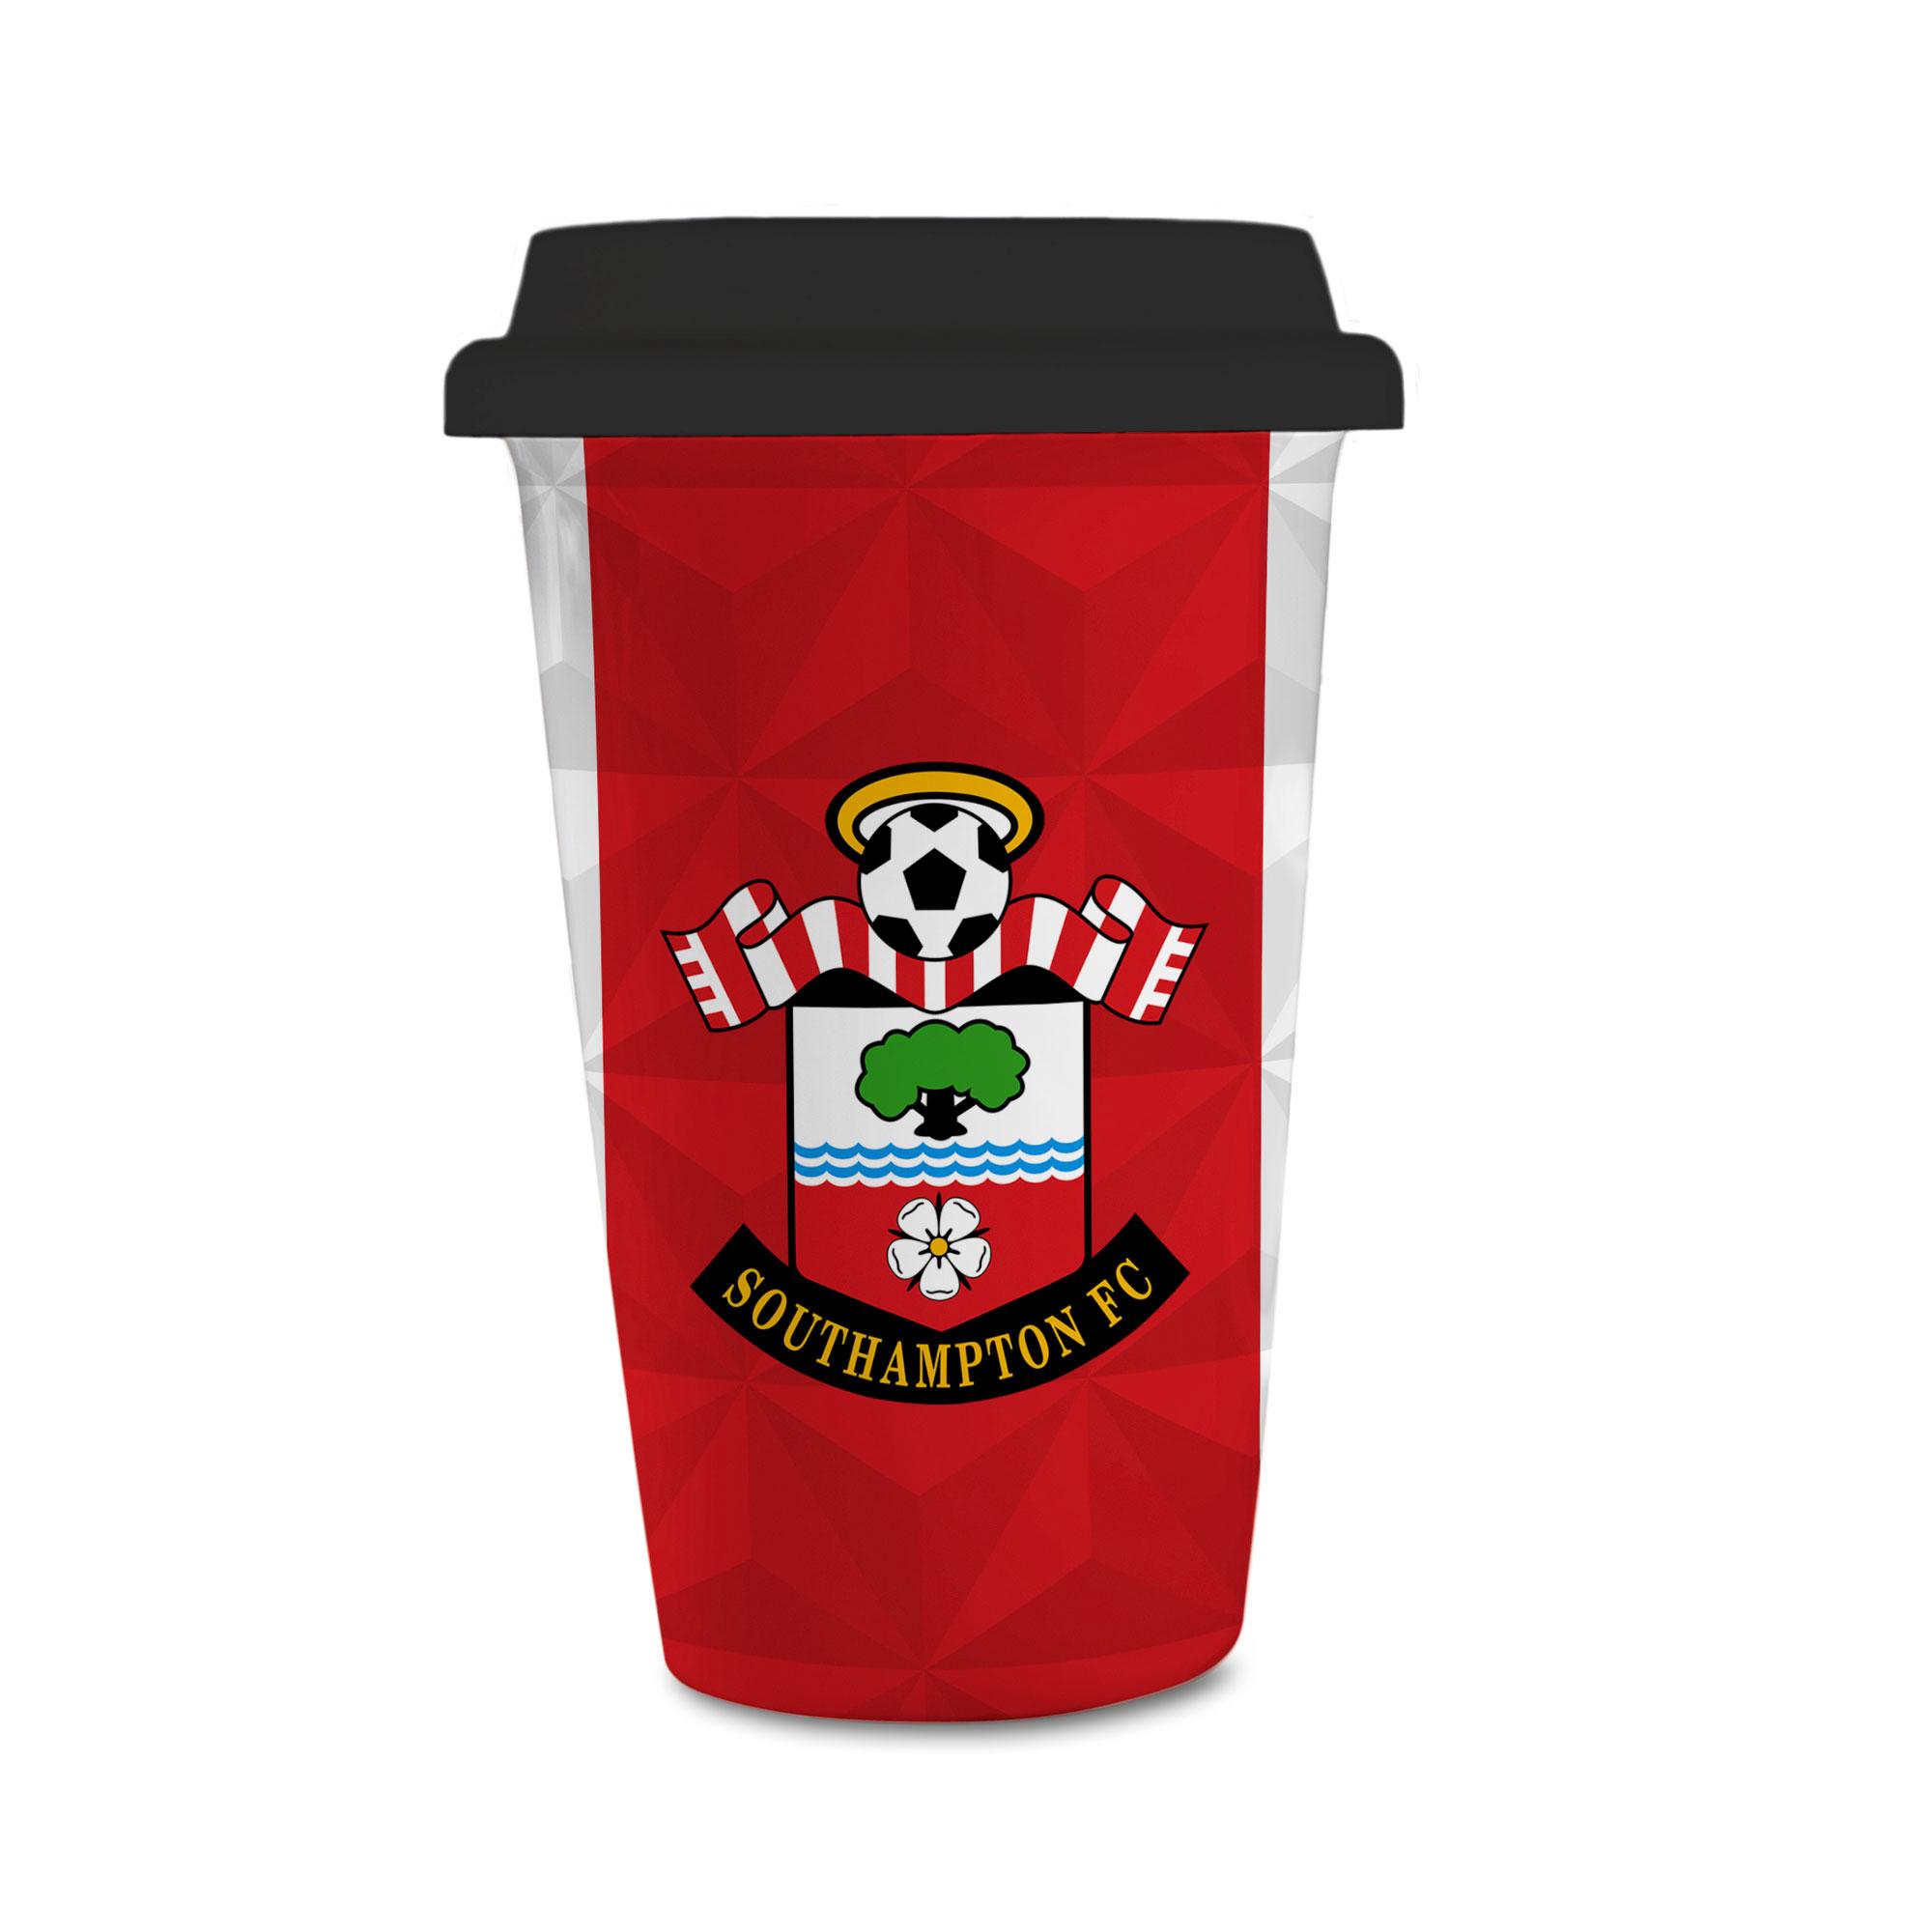 Southampton FC Crest Reusable Cup